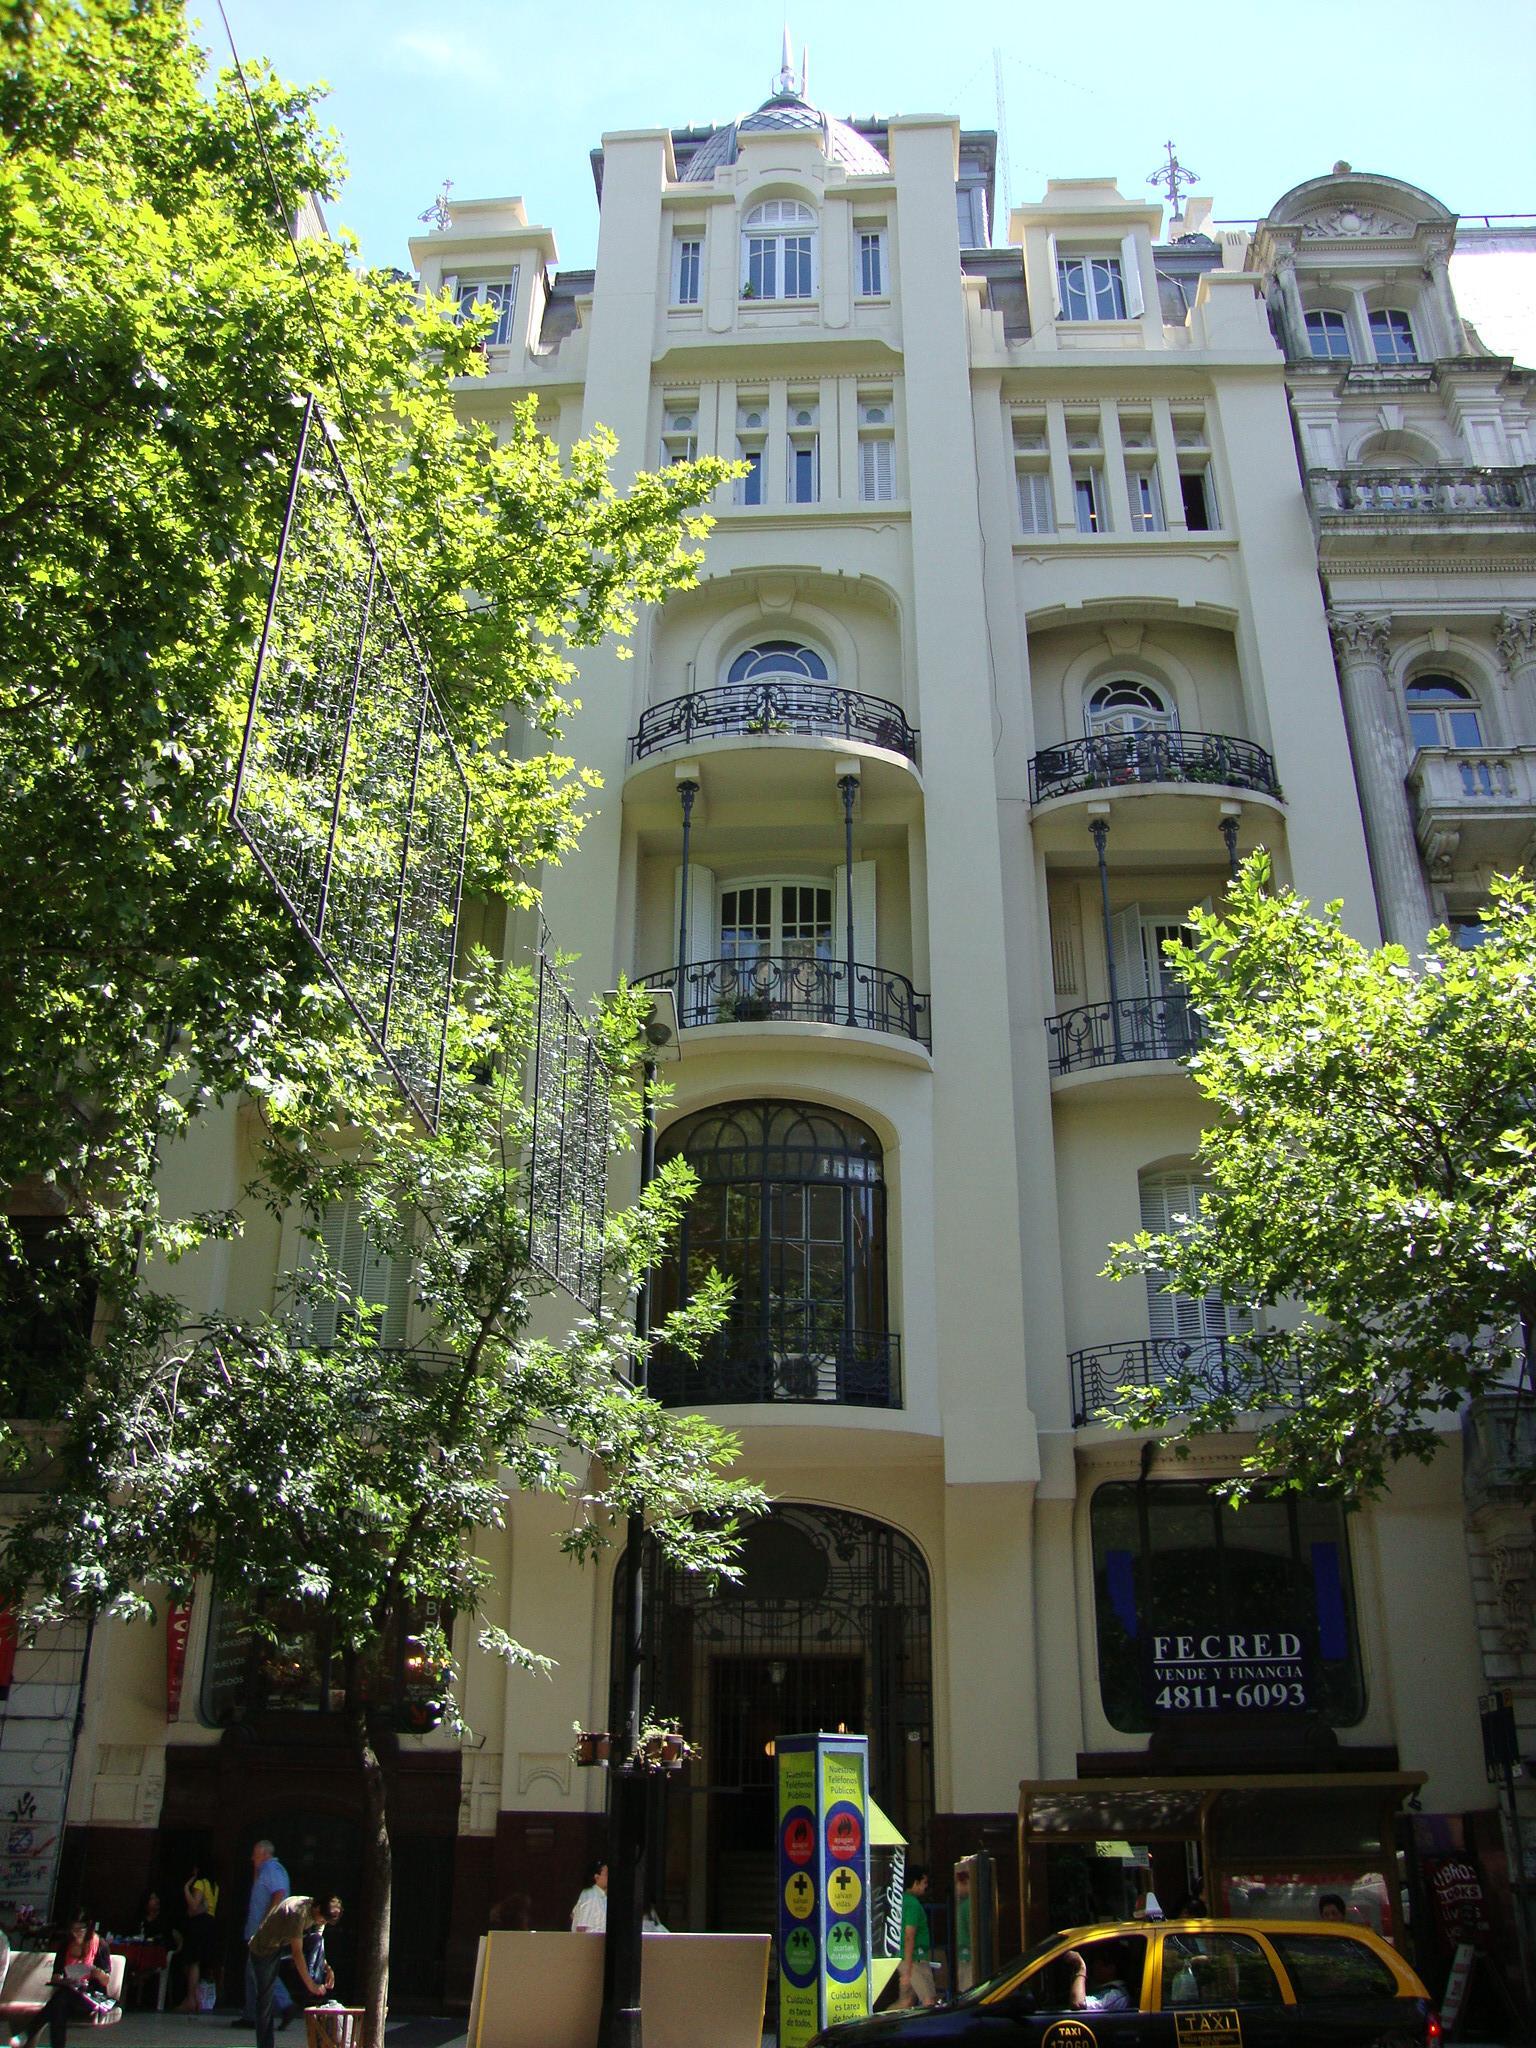 Palacio Vera - Av. de Mayo nº 767-777 en el barrio de Monserrat.